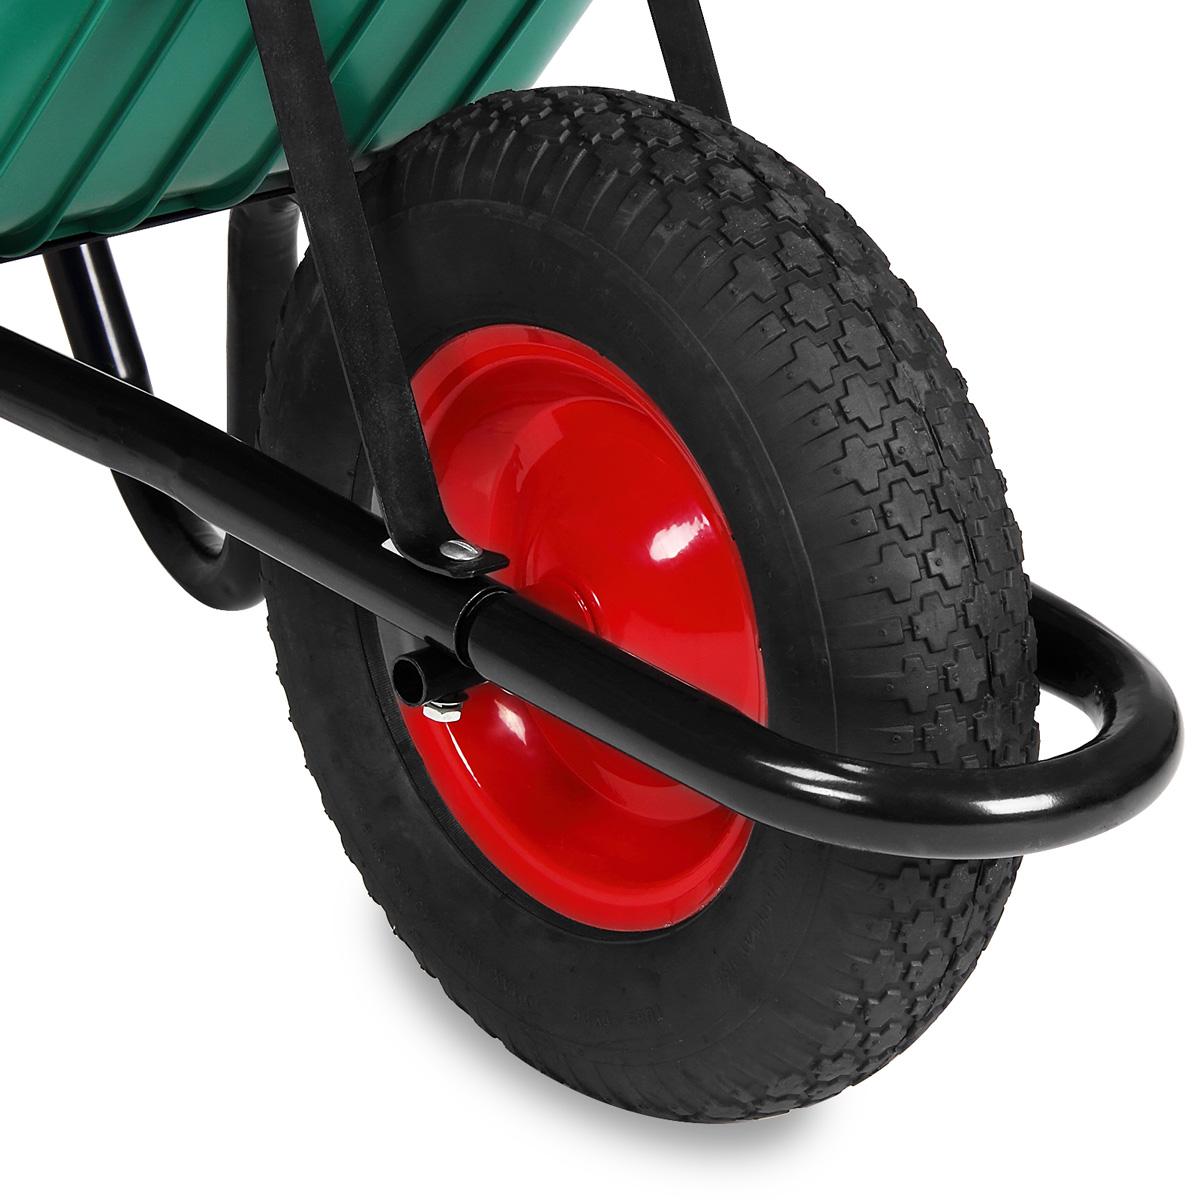 Brouette de jardin ou de chantier charge max 150 kg en acier laqu cuve verte ebay - Brouette de jardin plastique ...